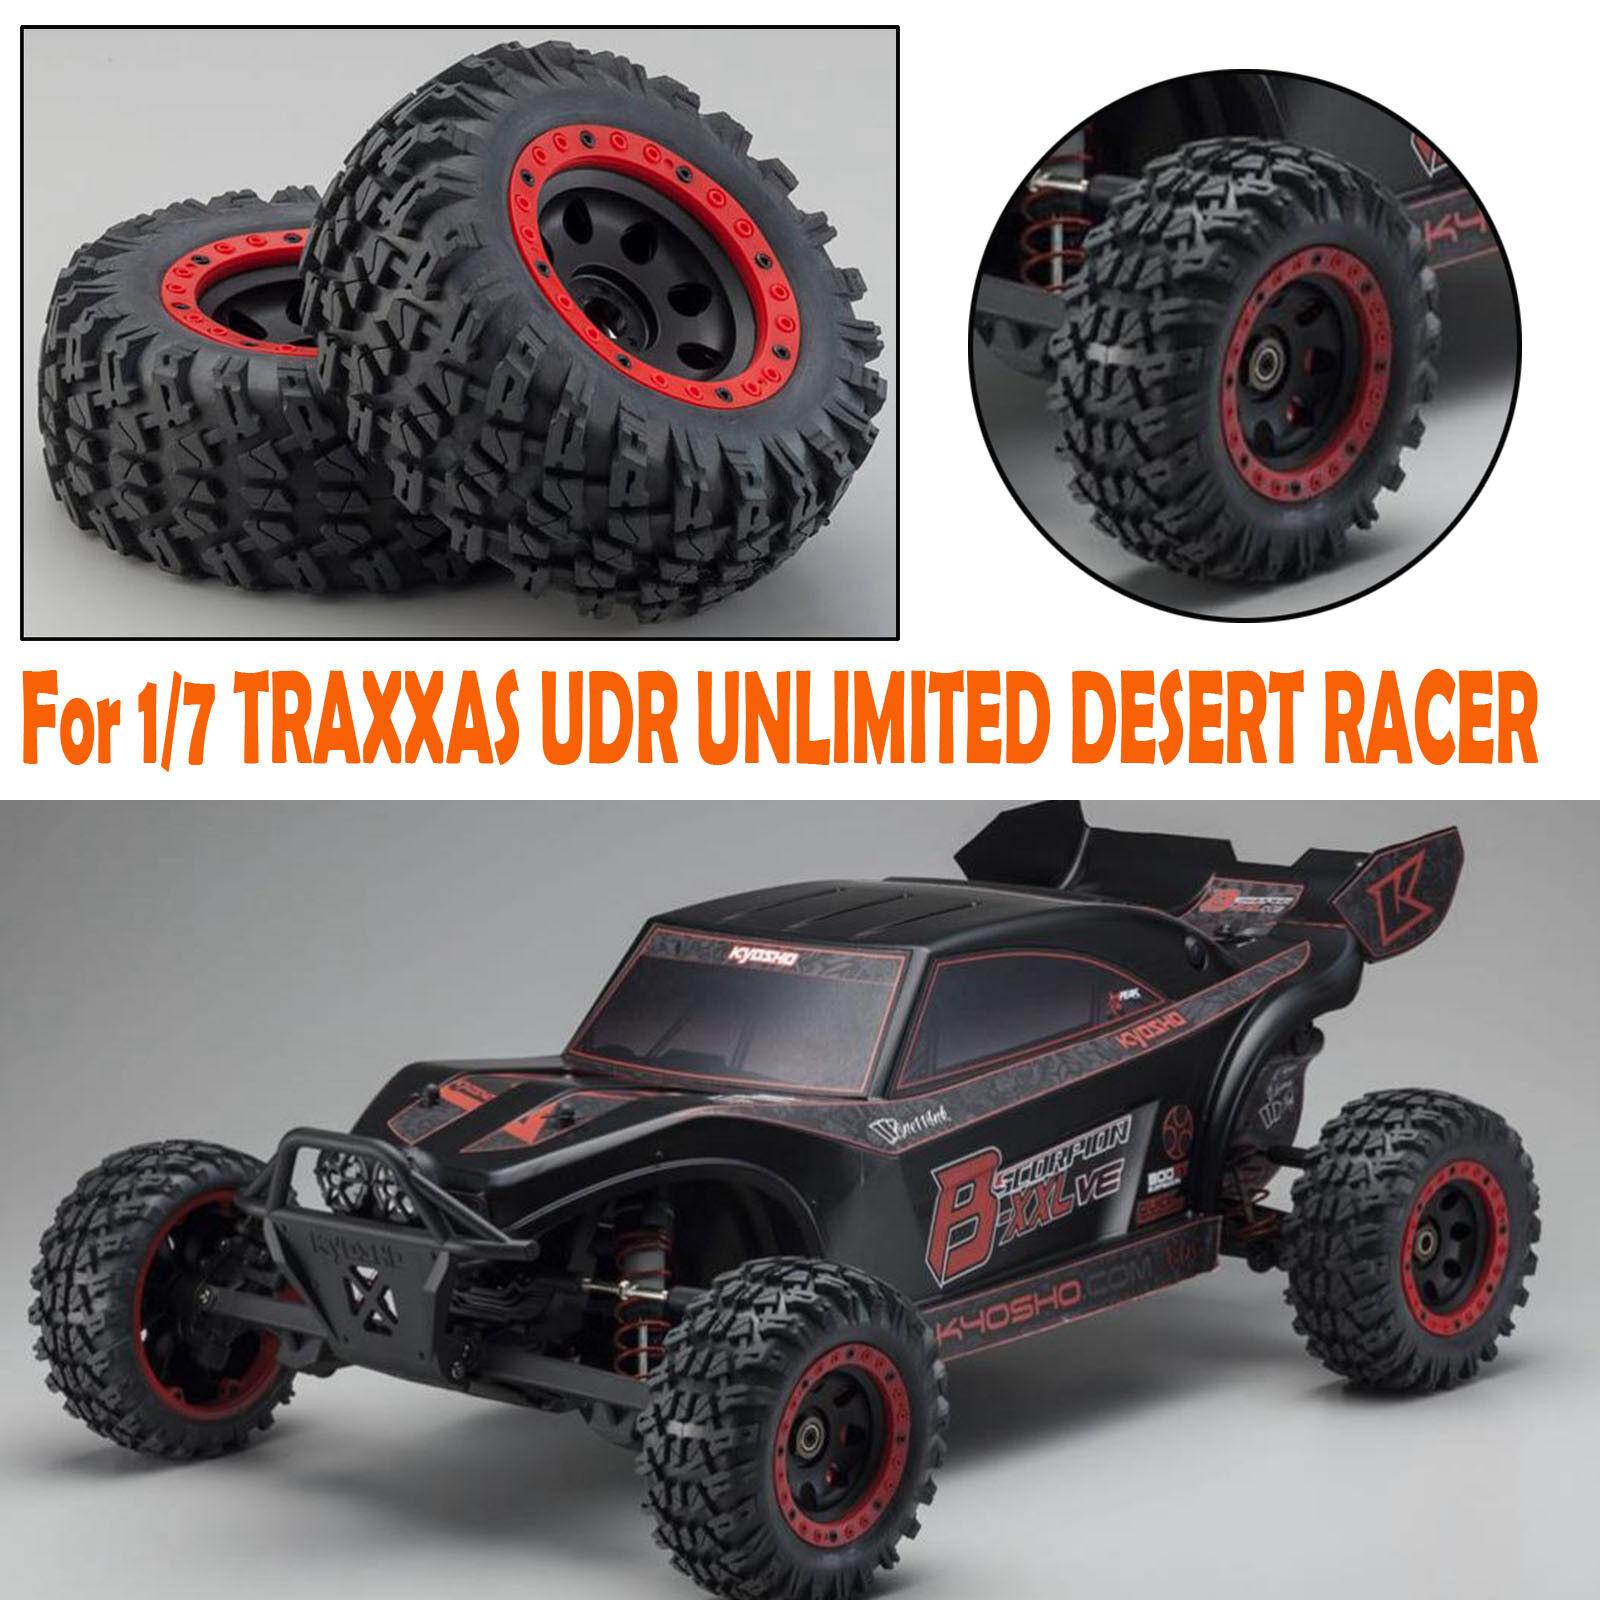 Para 1 7 TRAXXAS UDR RACER ilimitada de desierto 17mm grandes neumáticos de calidad sin pasta